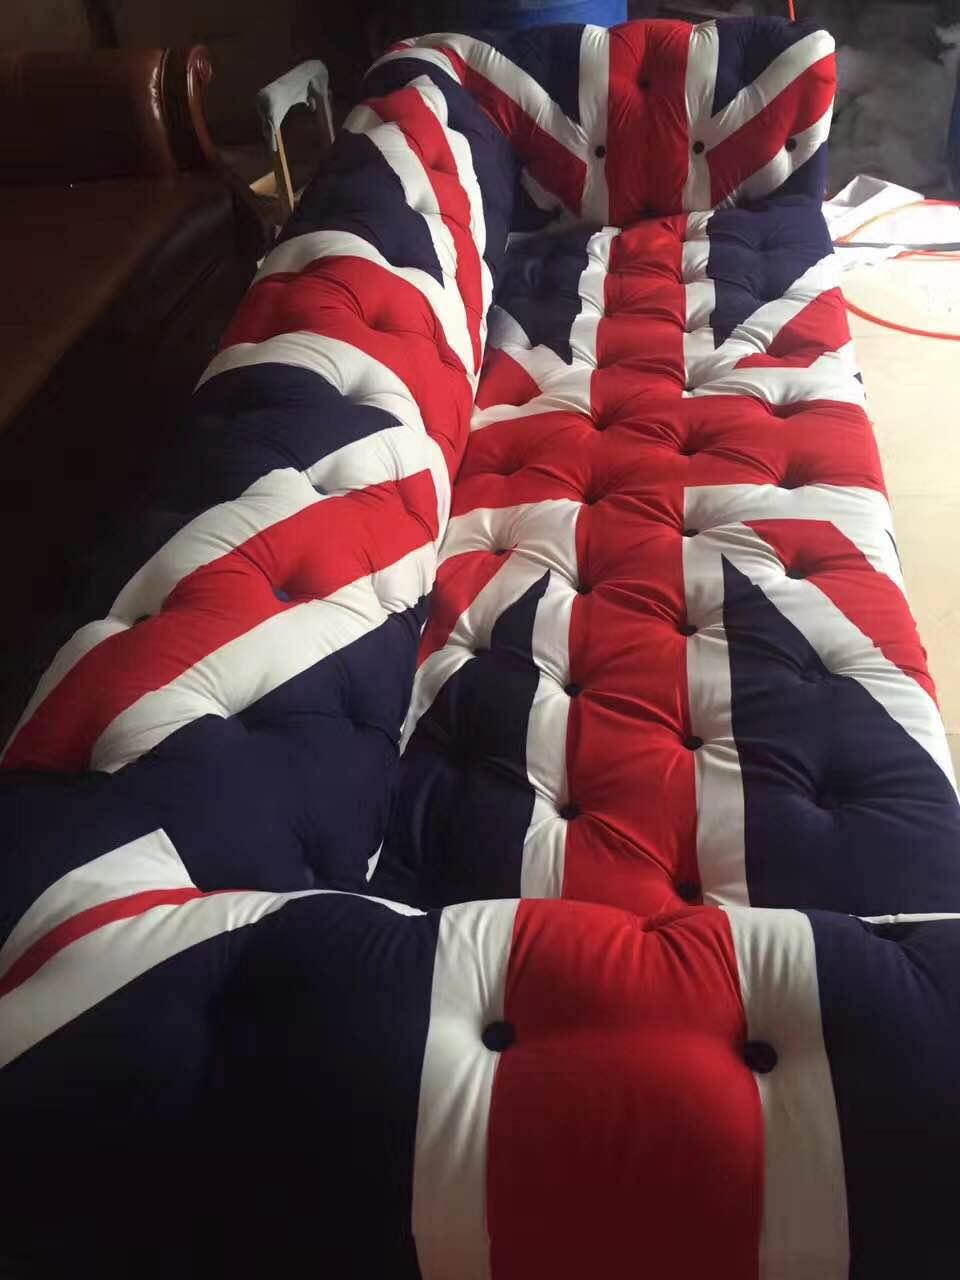 Designer cloth sofa drip sofa hotel lobby sofa china mainland - Designer Cloth Sofa Drip Sofa Hotel Lobby Sofa China Mainland Velvet Fabric Sofa Set Living Download